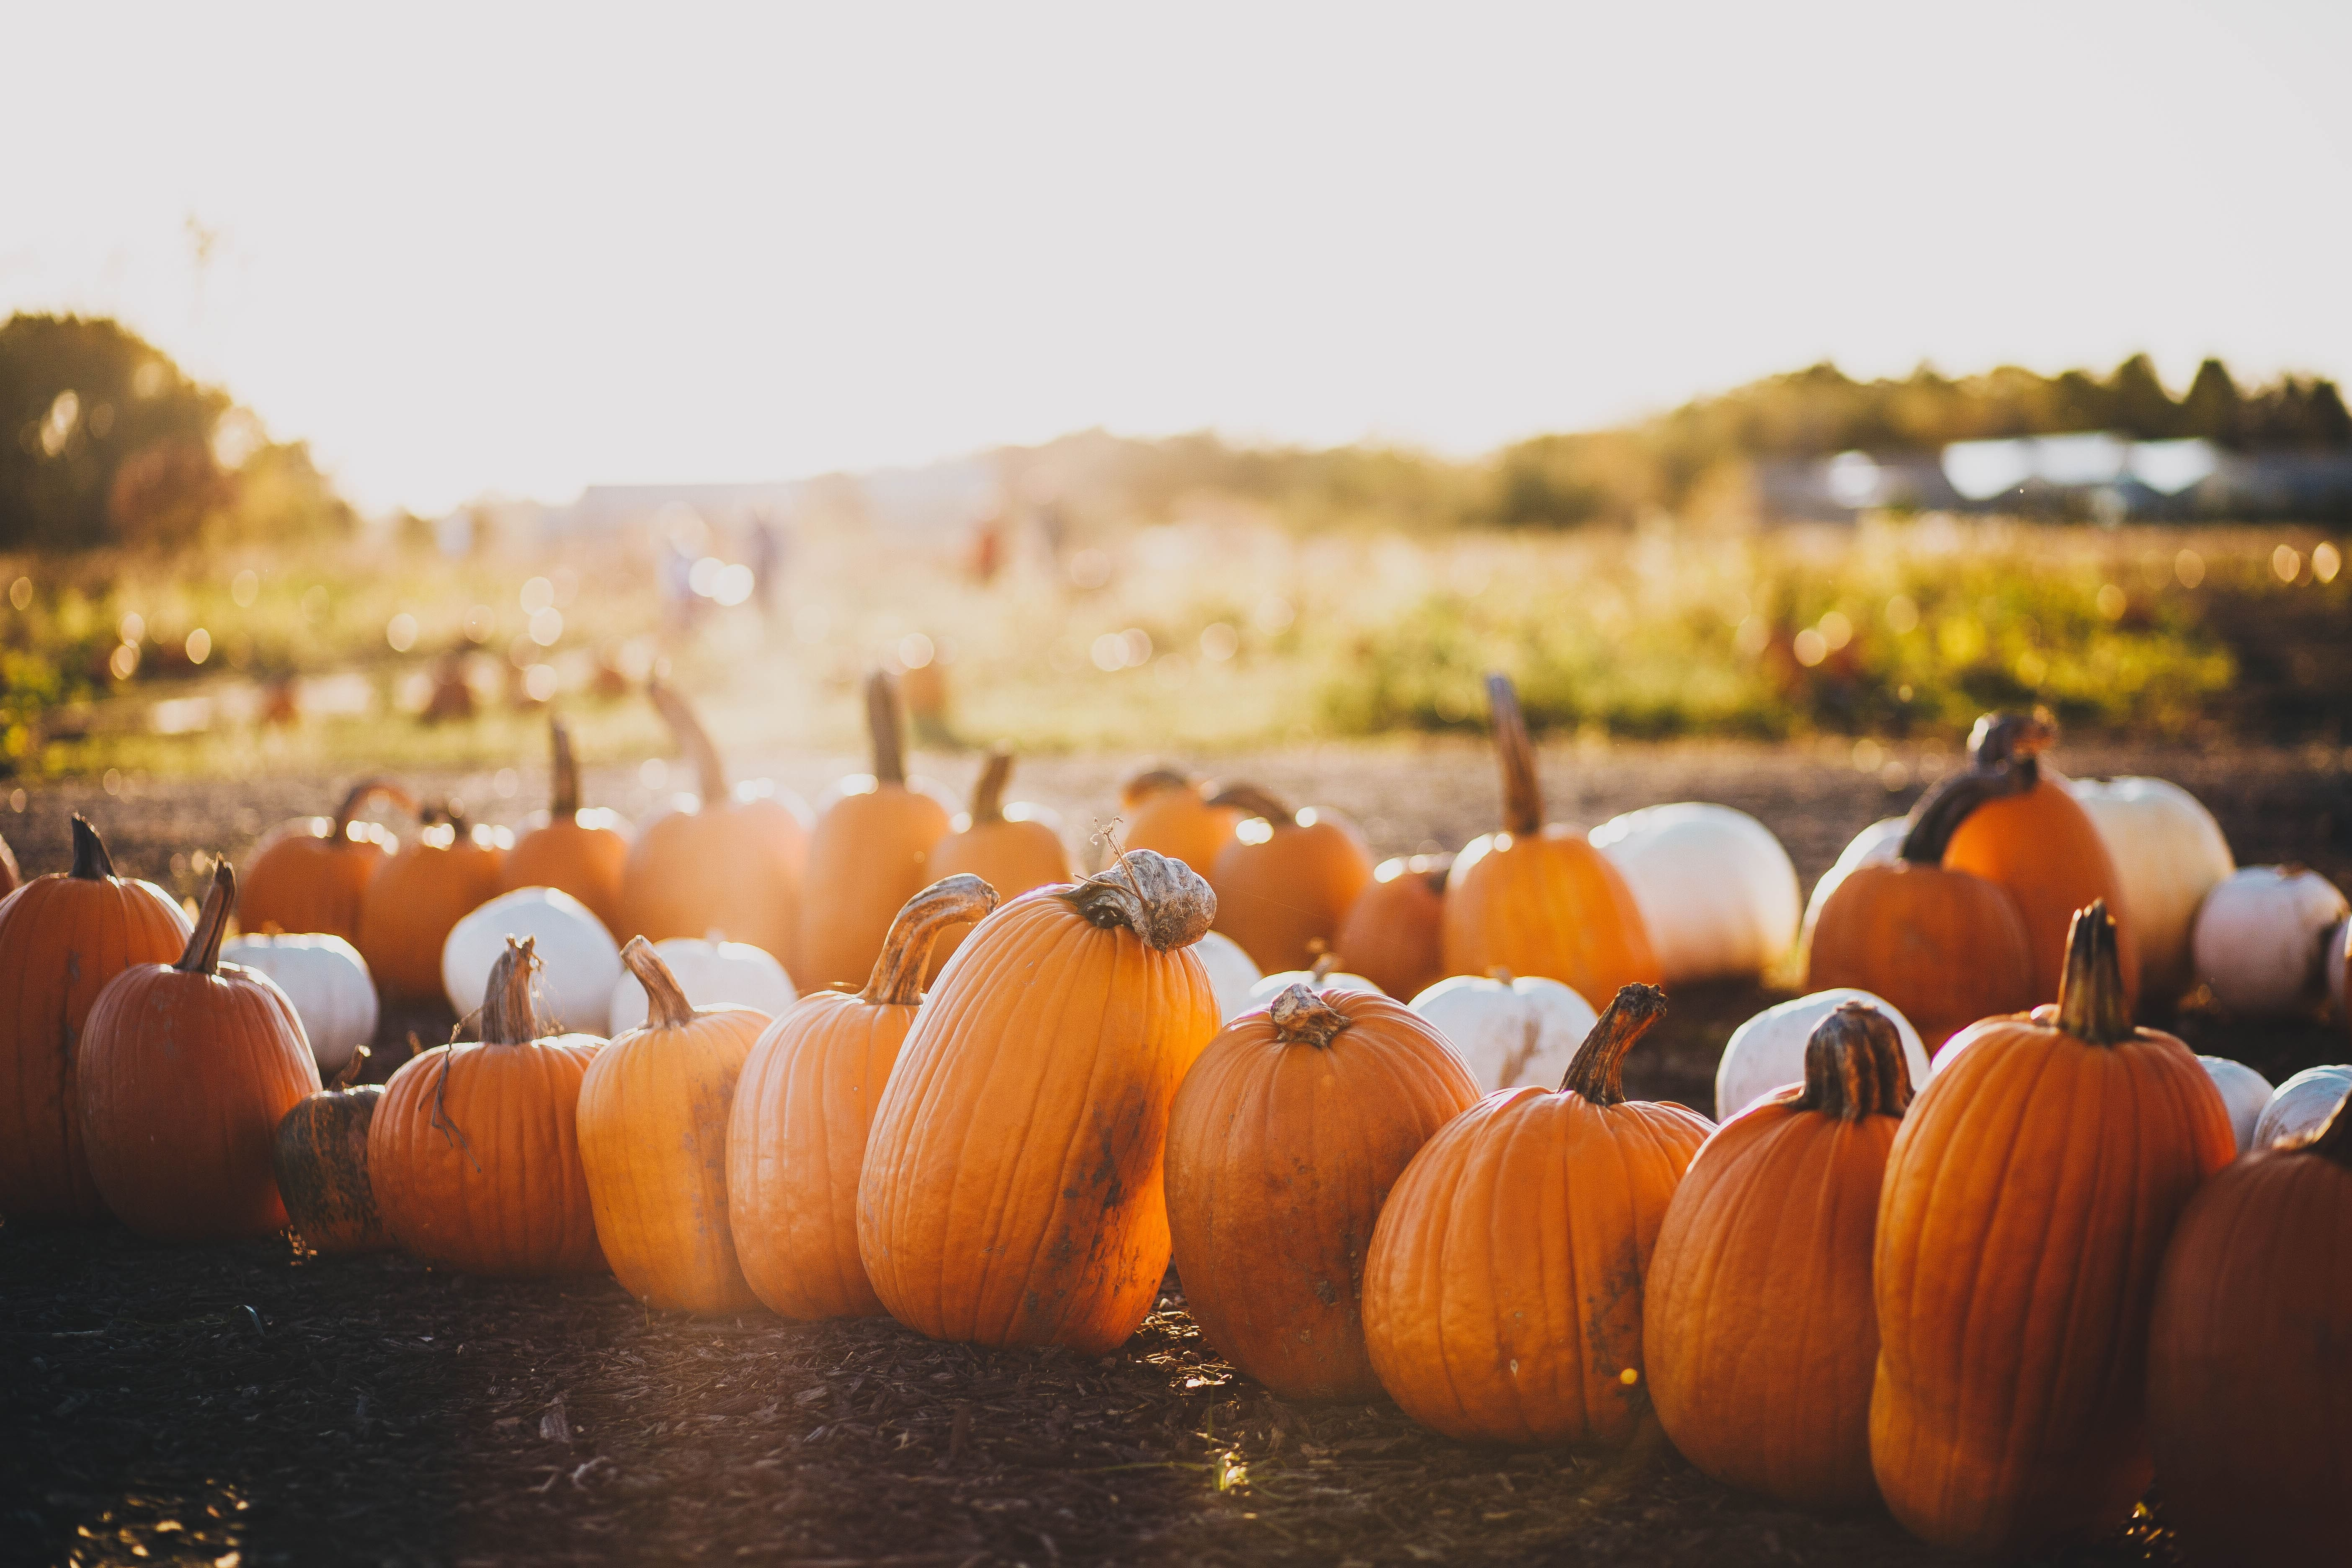 Pumpkin Patch Photo by Maddy Baker   unsplash